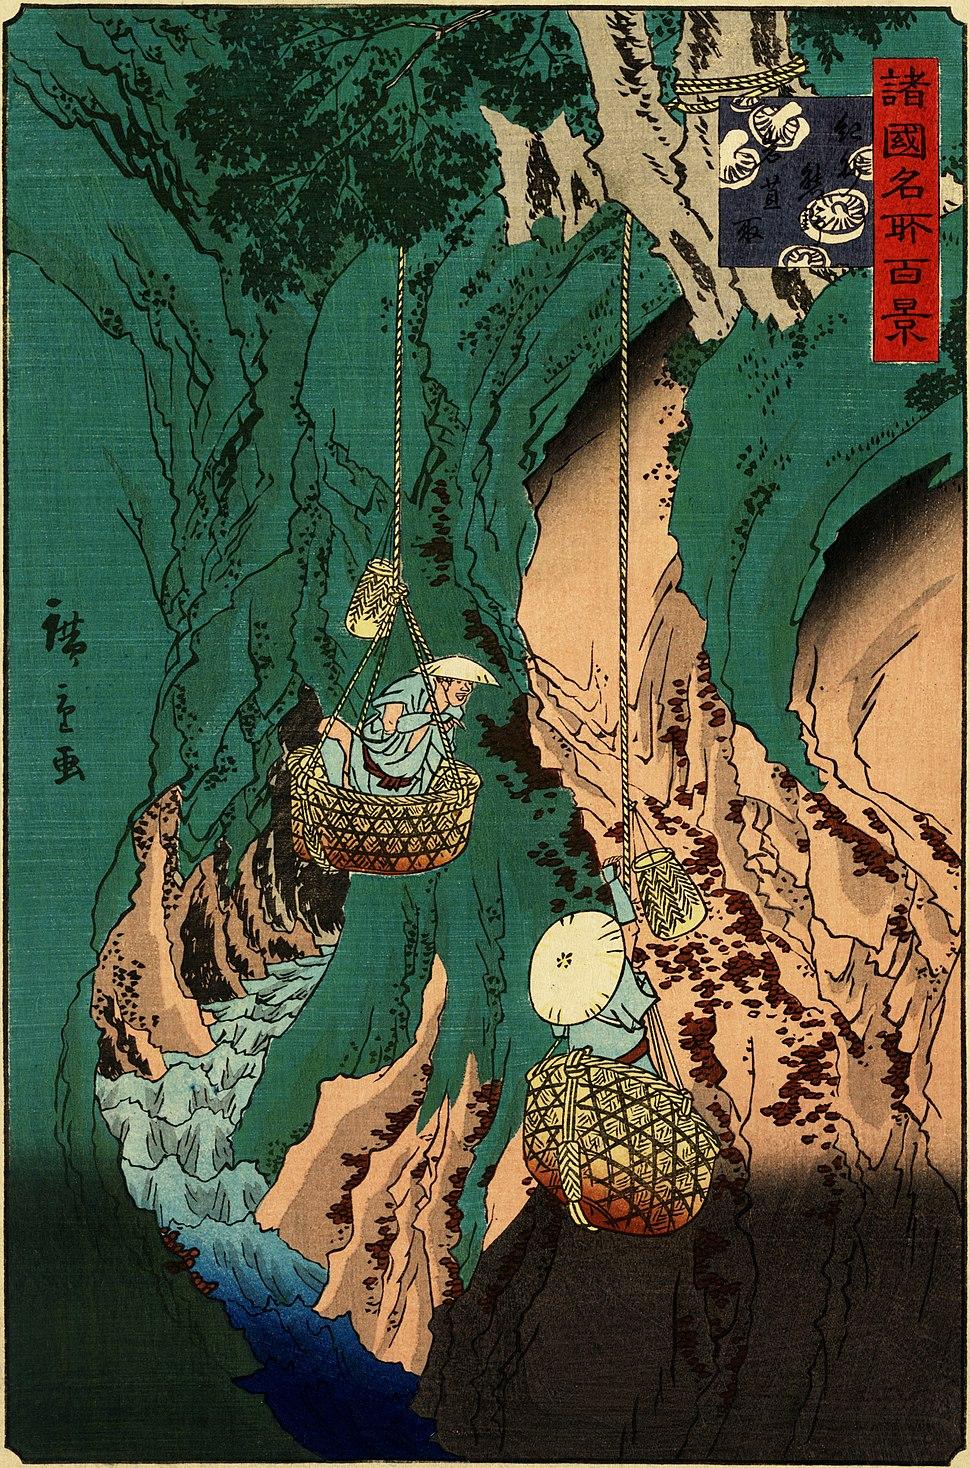 Hiroshige II - Kishu kumano iwatake tori - Shokoku meisho hyakkei